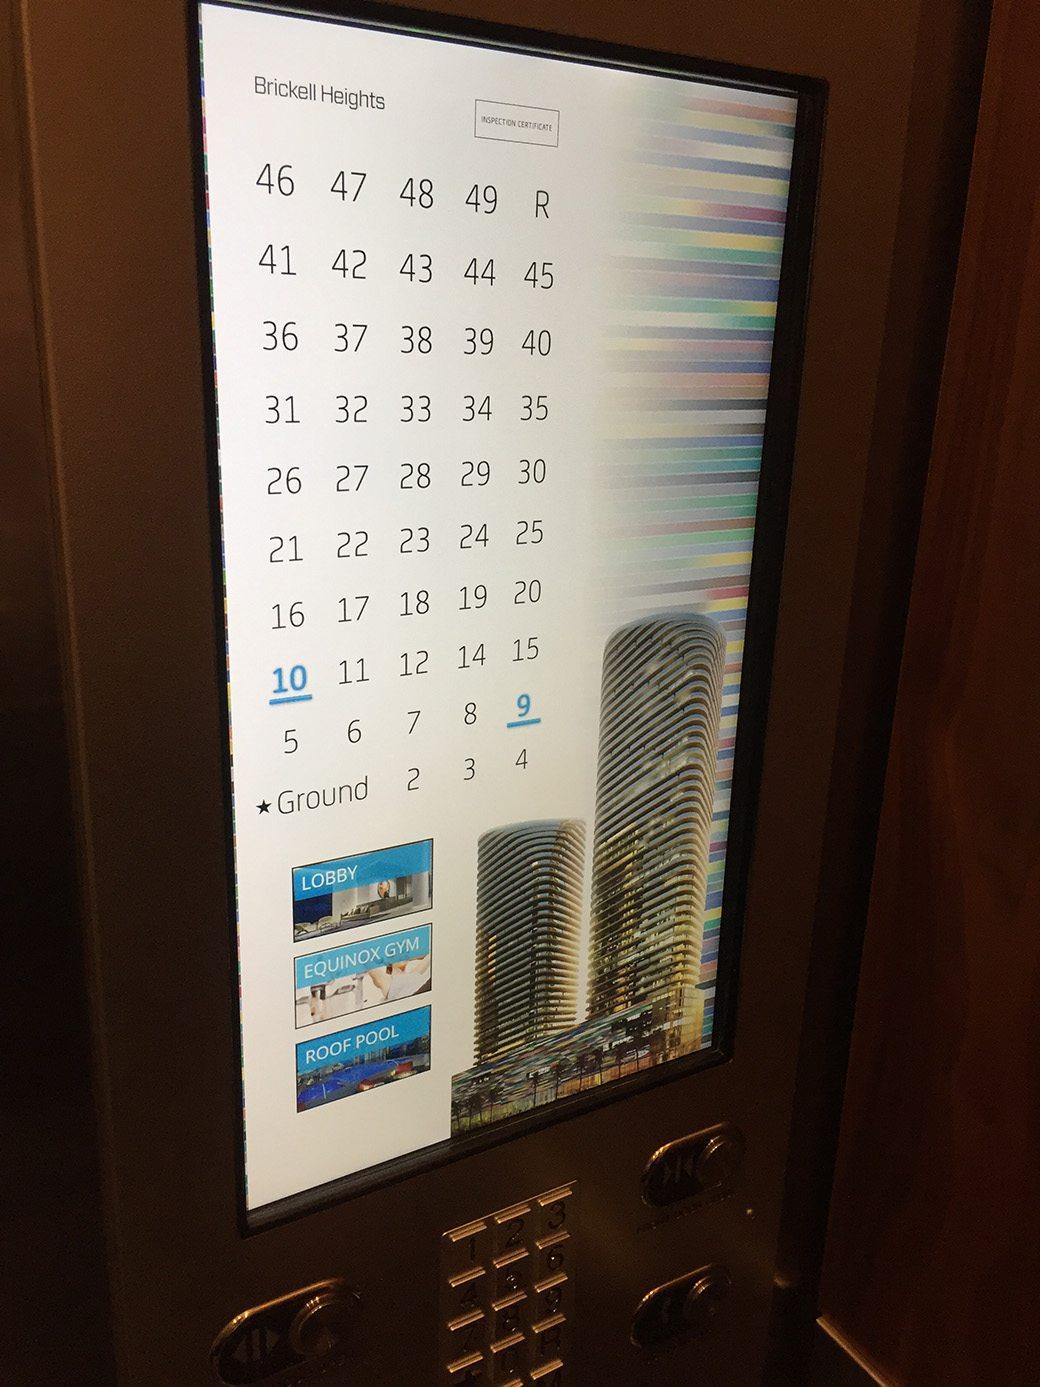 Brickell Heights Elevator 01